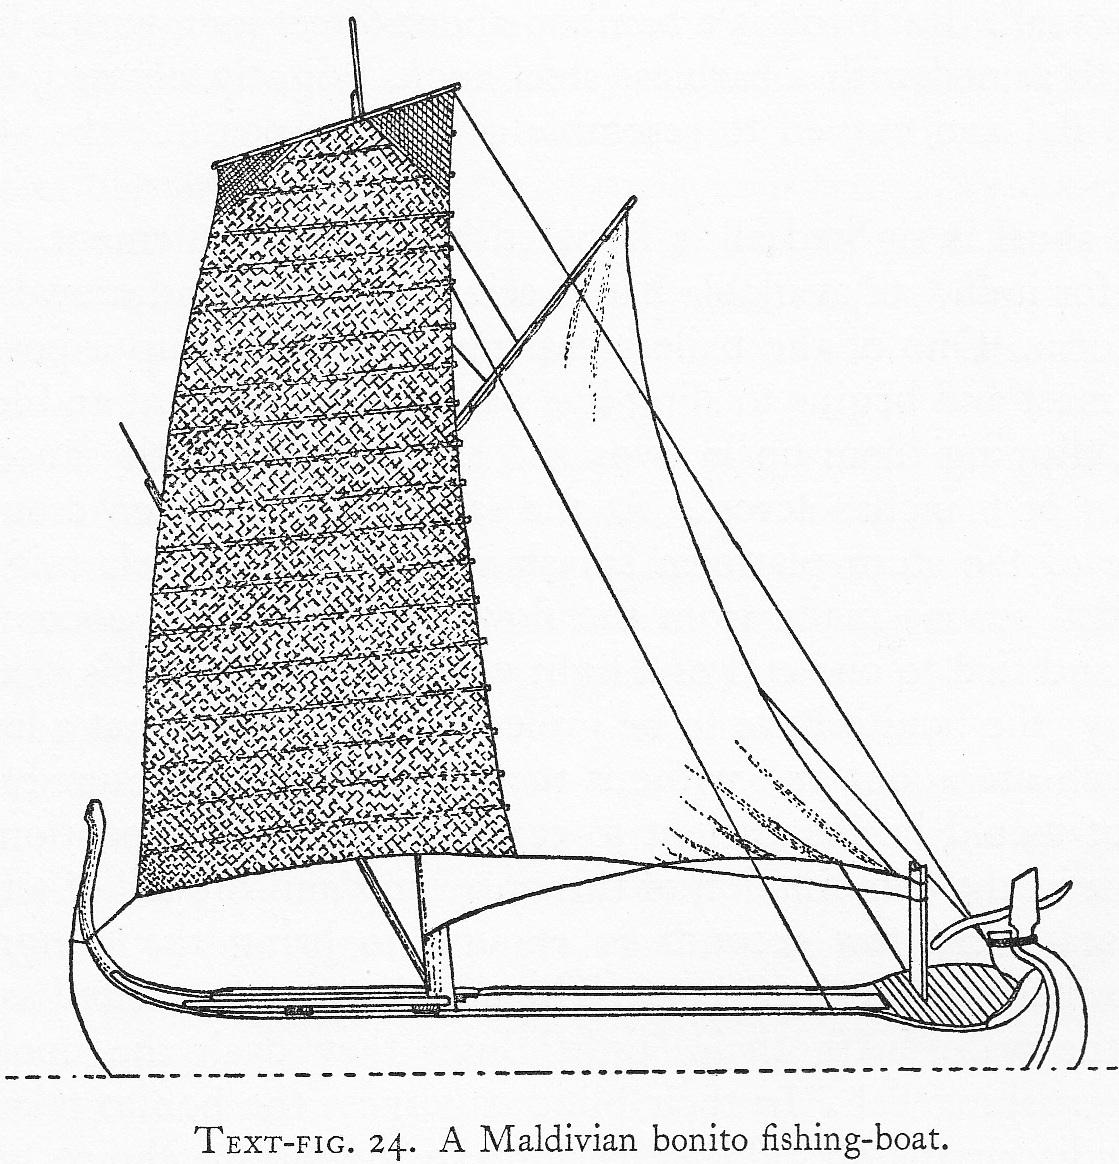 1119x1164 Indigenous Boats Bonito Fishing Boats In Maldives